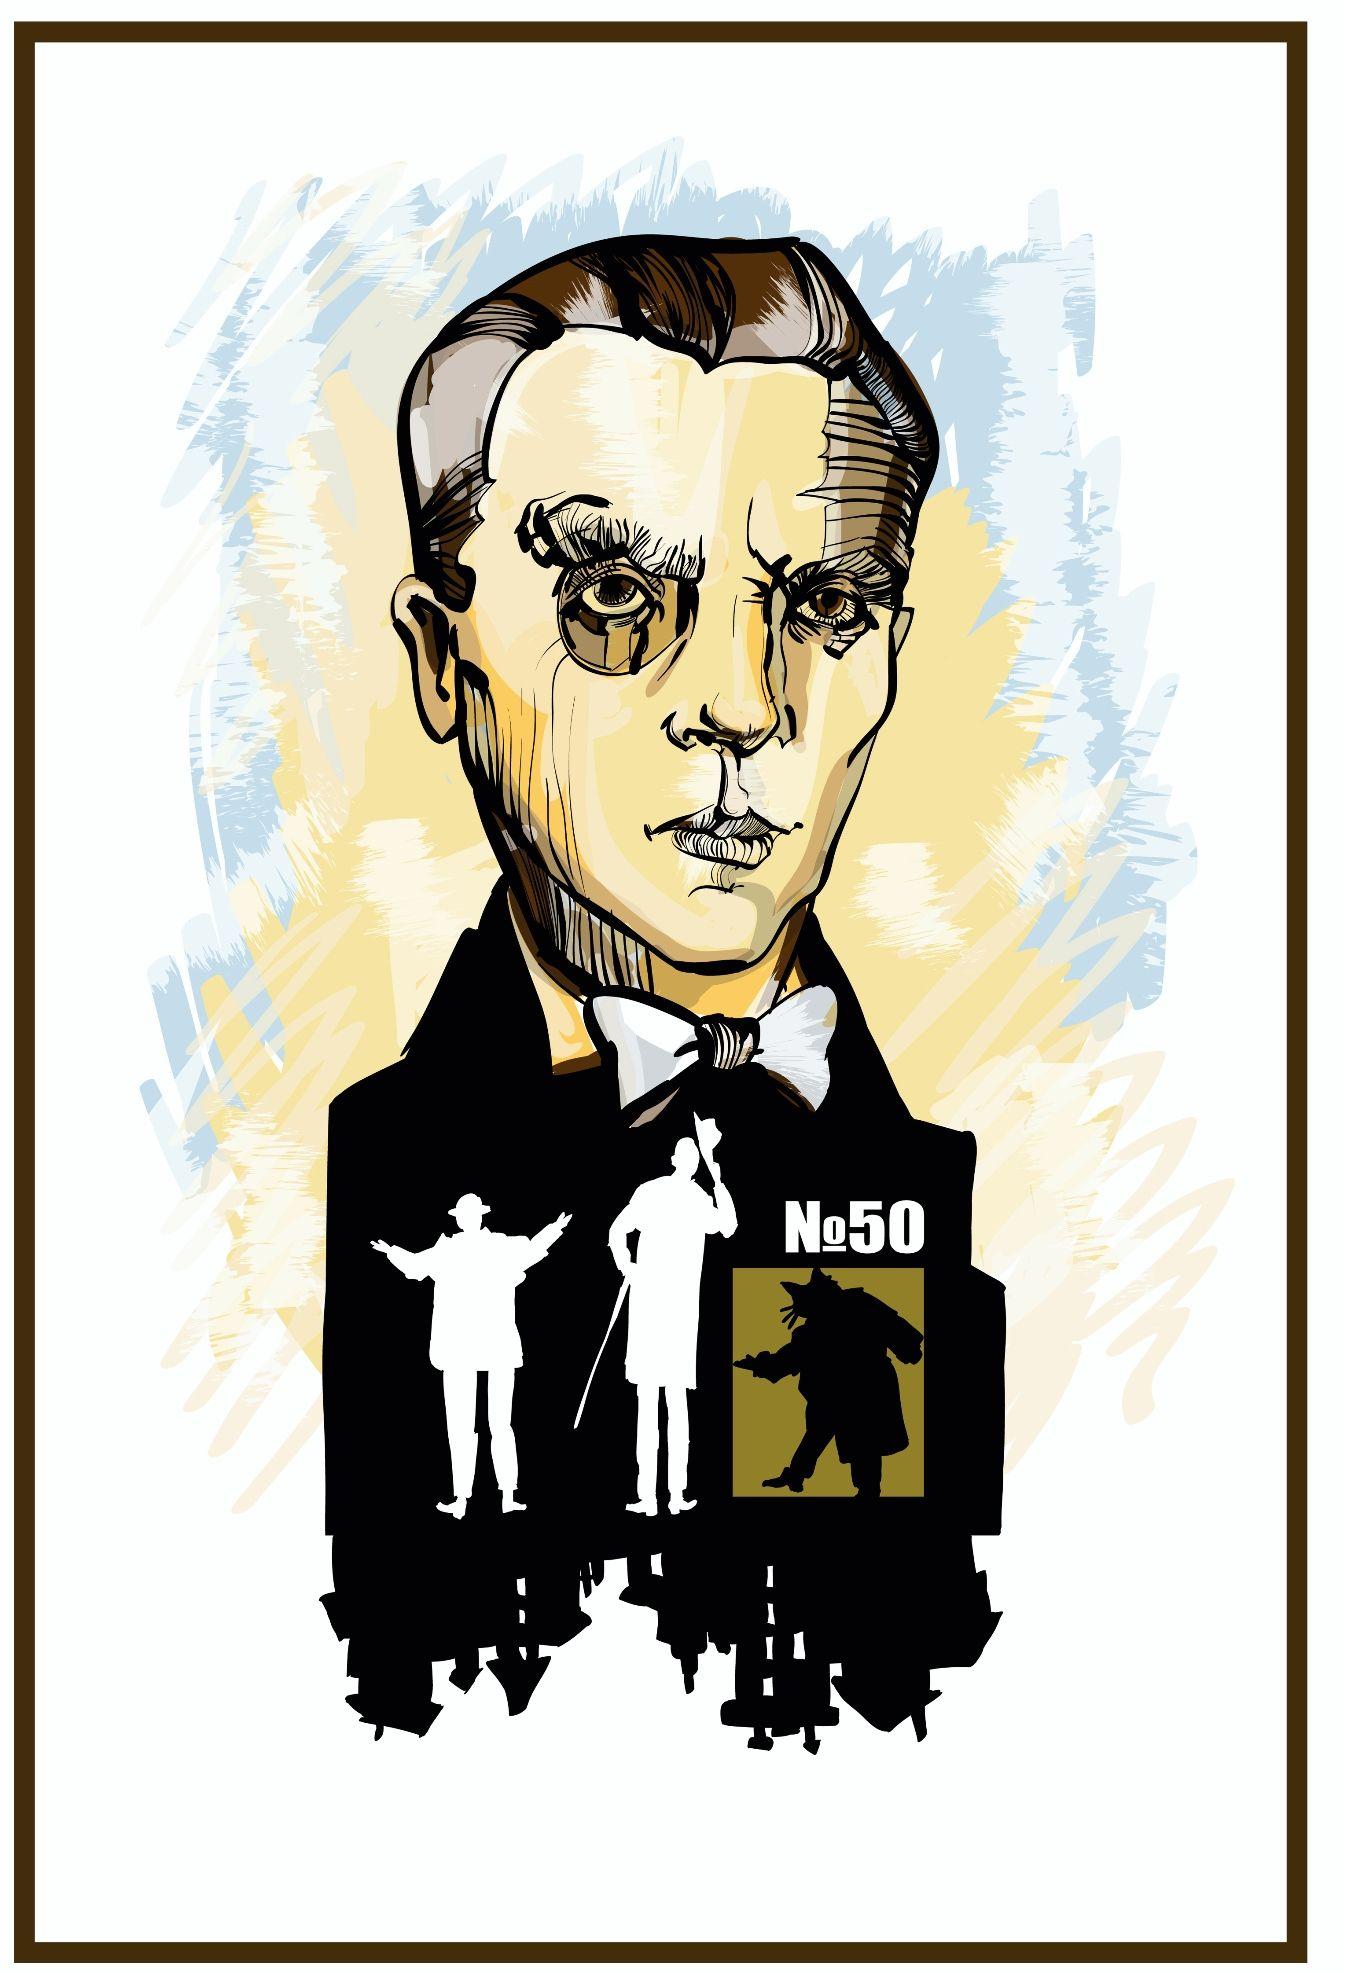 Плакат-портрет Михаила Булгакова - дизайнер grinningrabbit